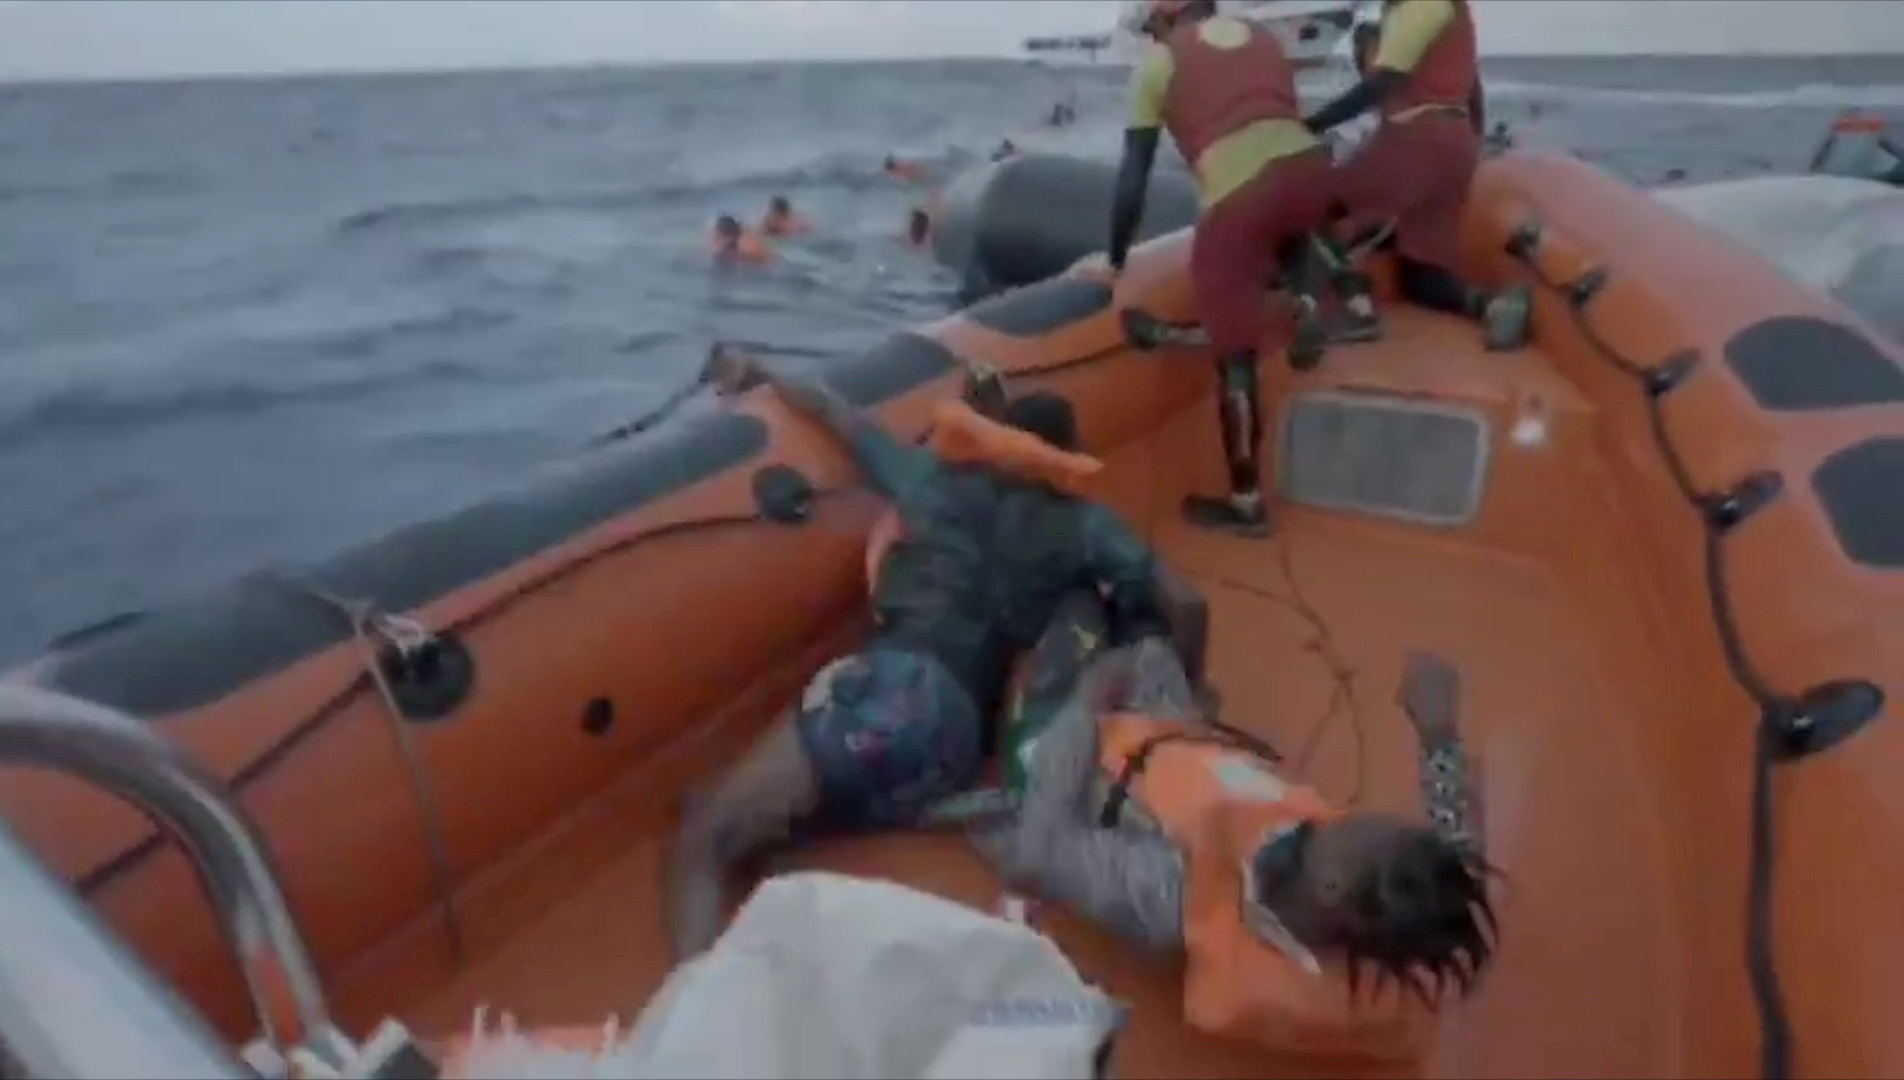 Το Open Arms αναζητεί ασφαλές λιμάνι για 265 μετανάστες που διέσωσε στη Μεσόγειο